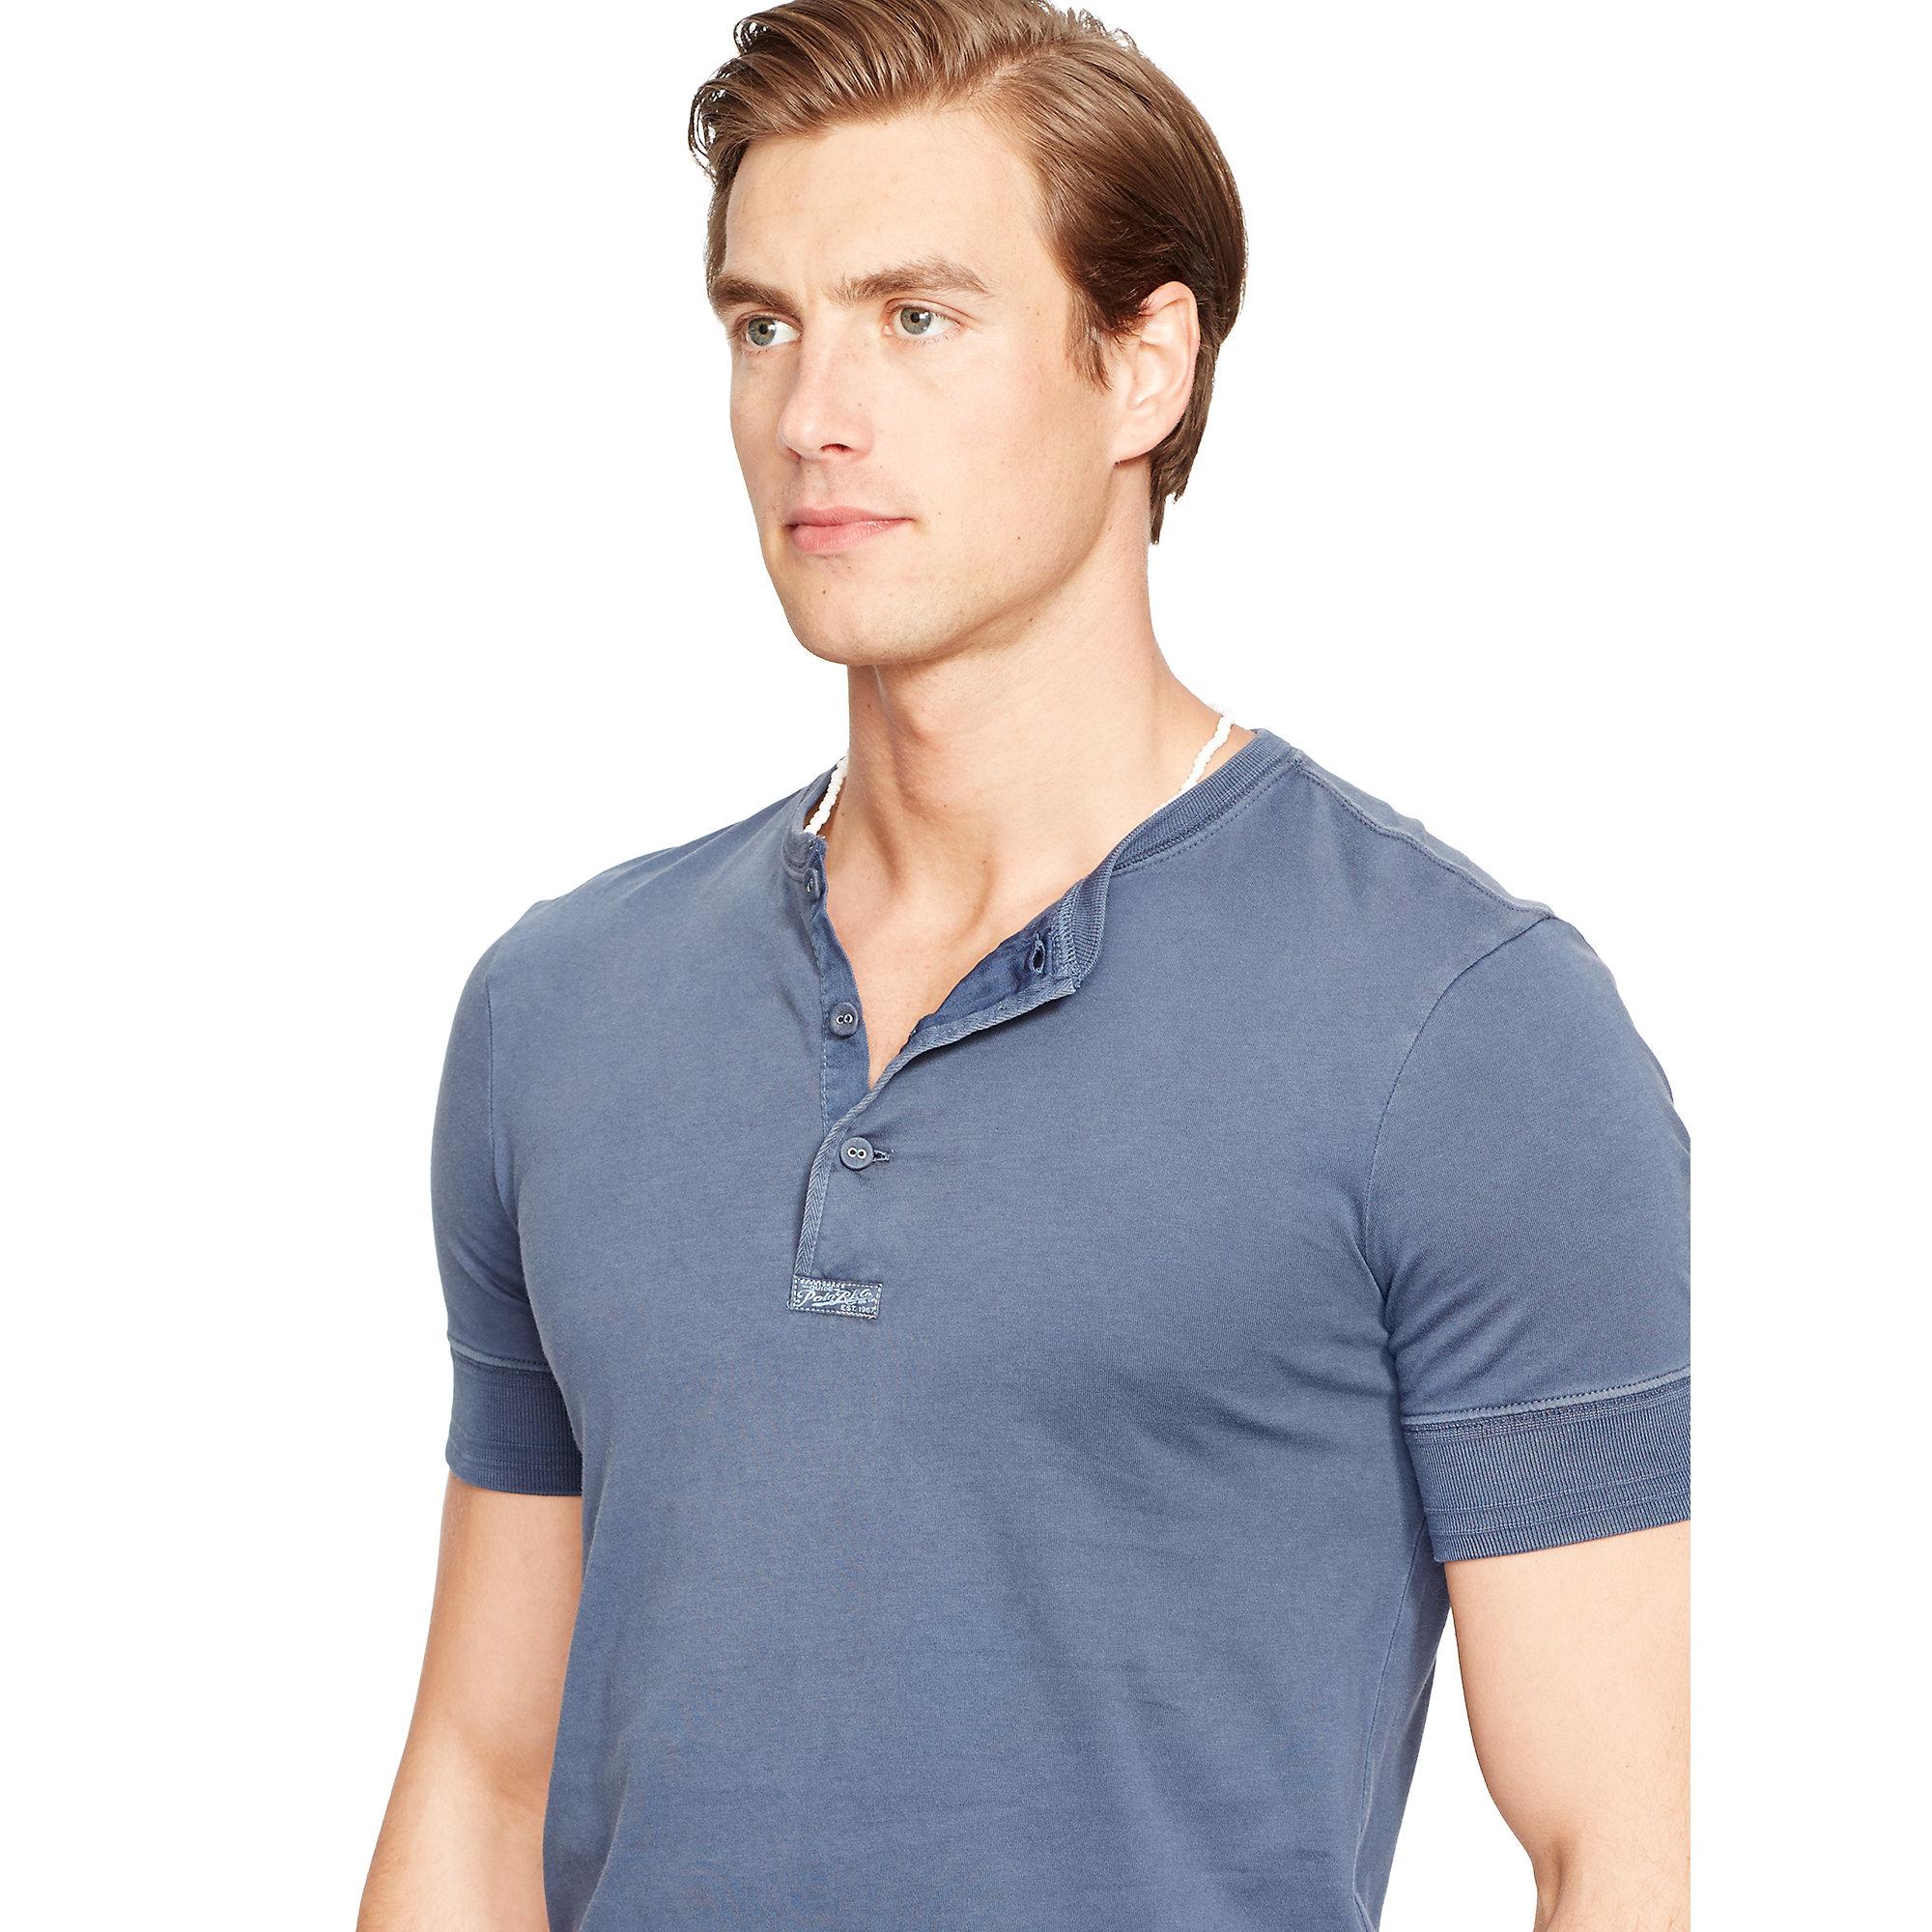 Henley Shirt Men Short Sleeve